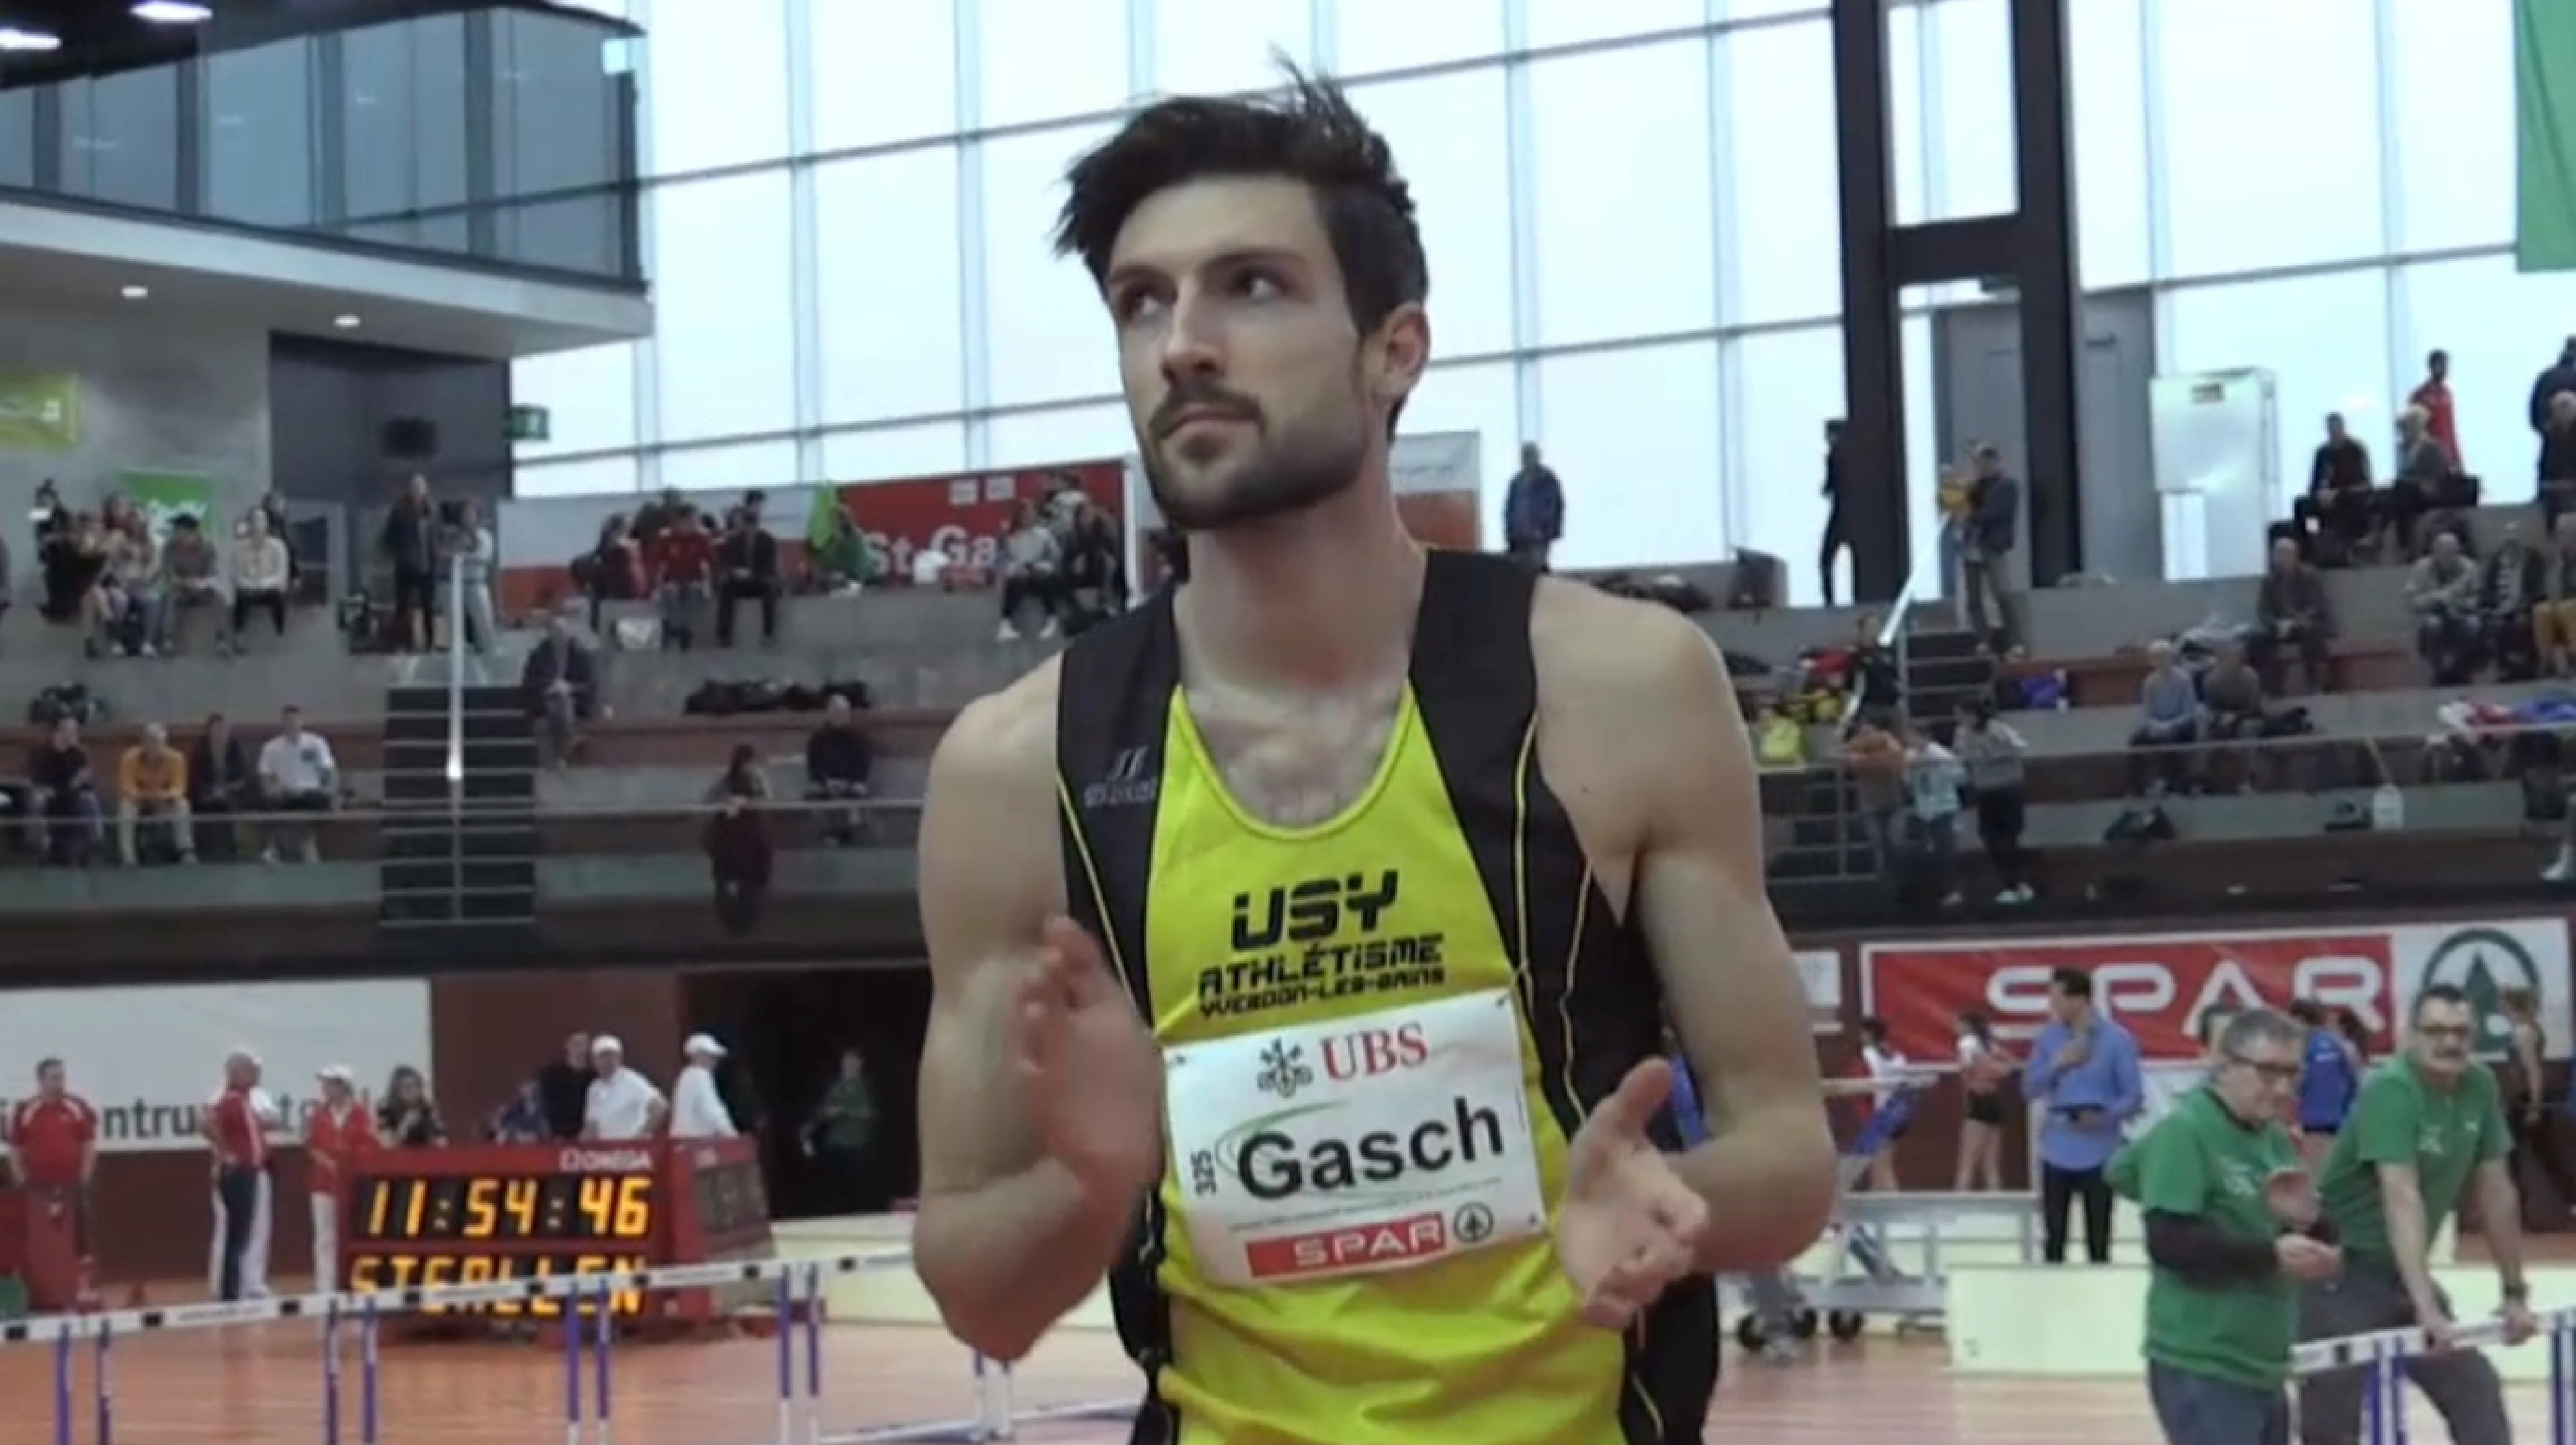 Championnats suisses en salle à St-Gall